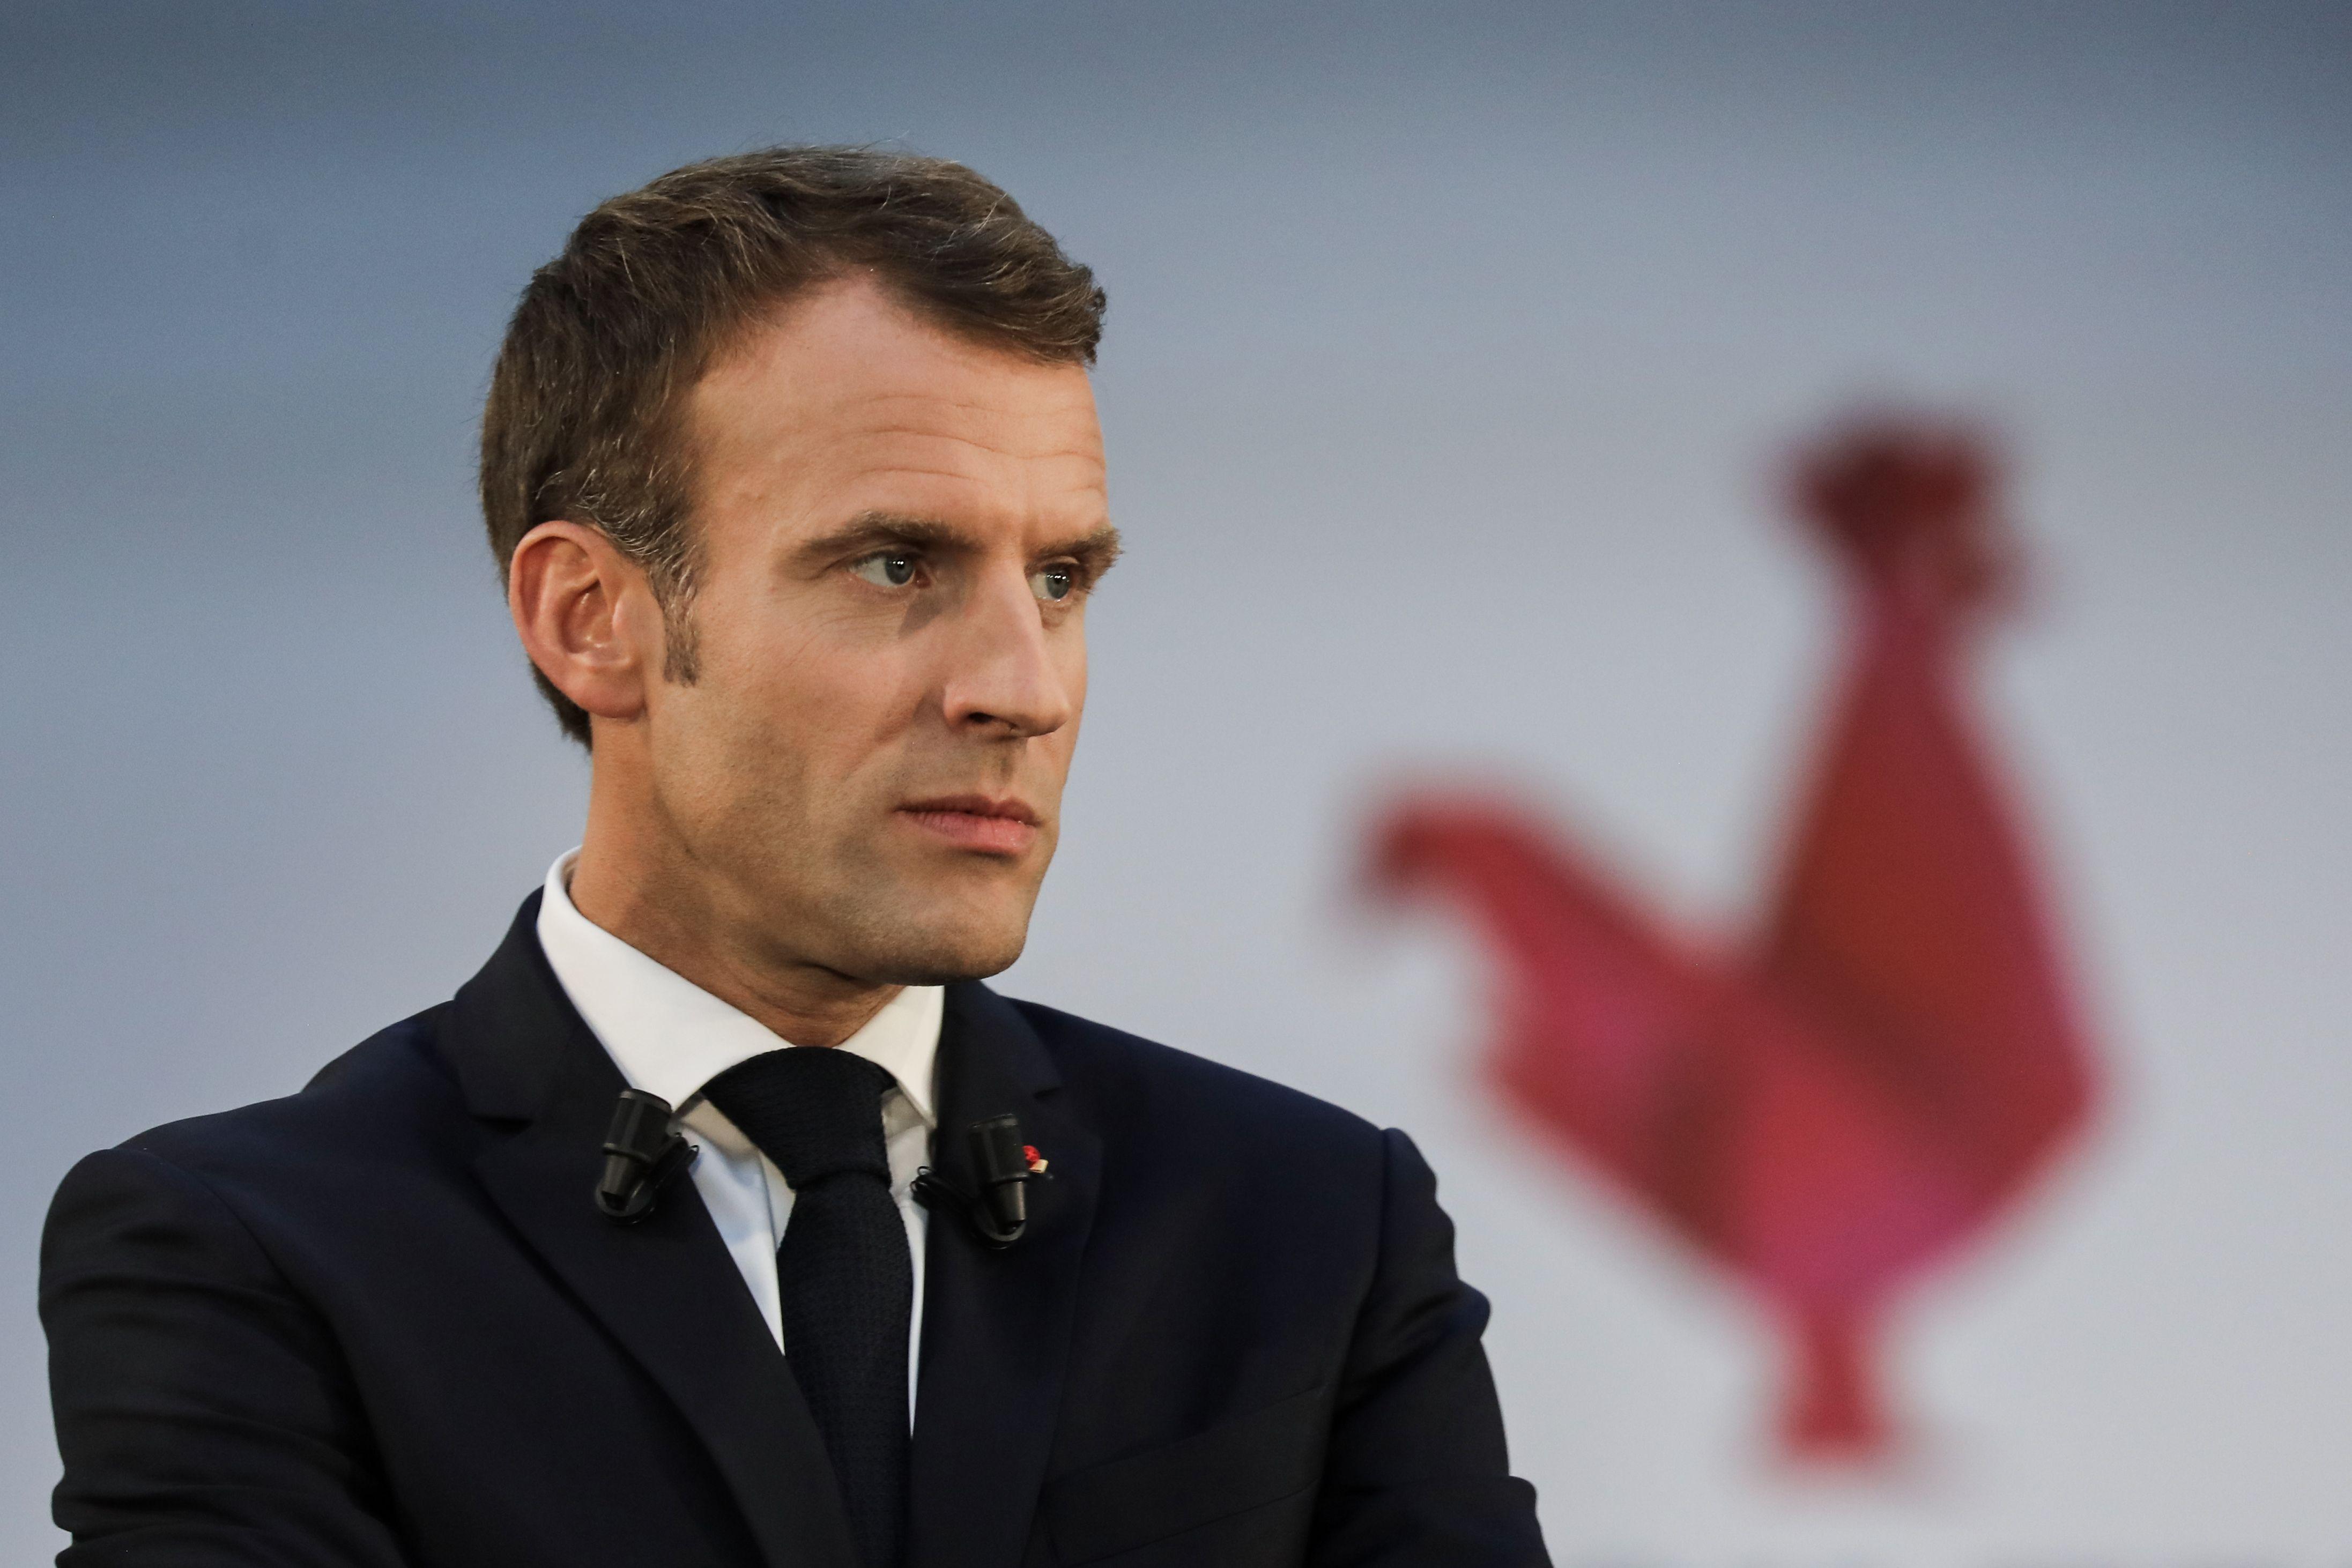 Emmanuel Macron annonce la fin de l'opération Barkhane au Sahel